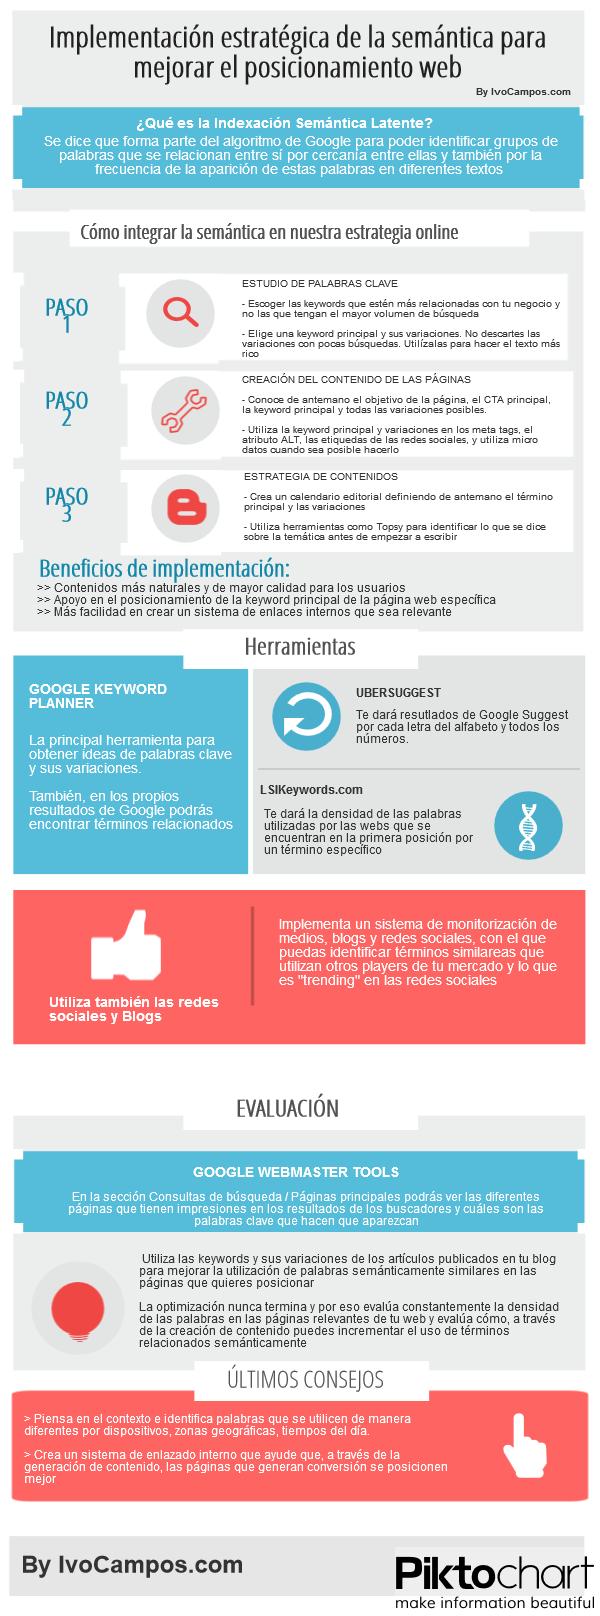 Indexación Semántica Latente: Infografía